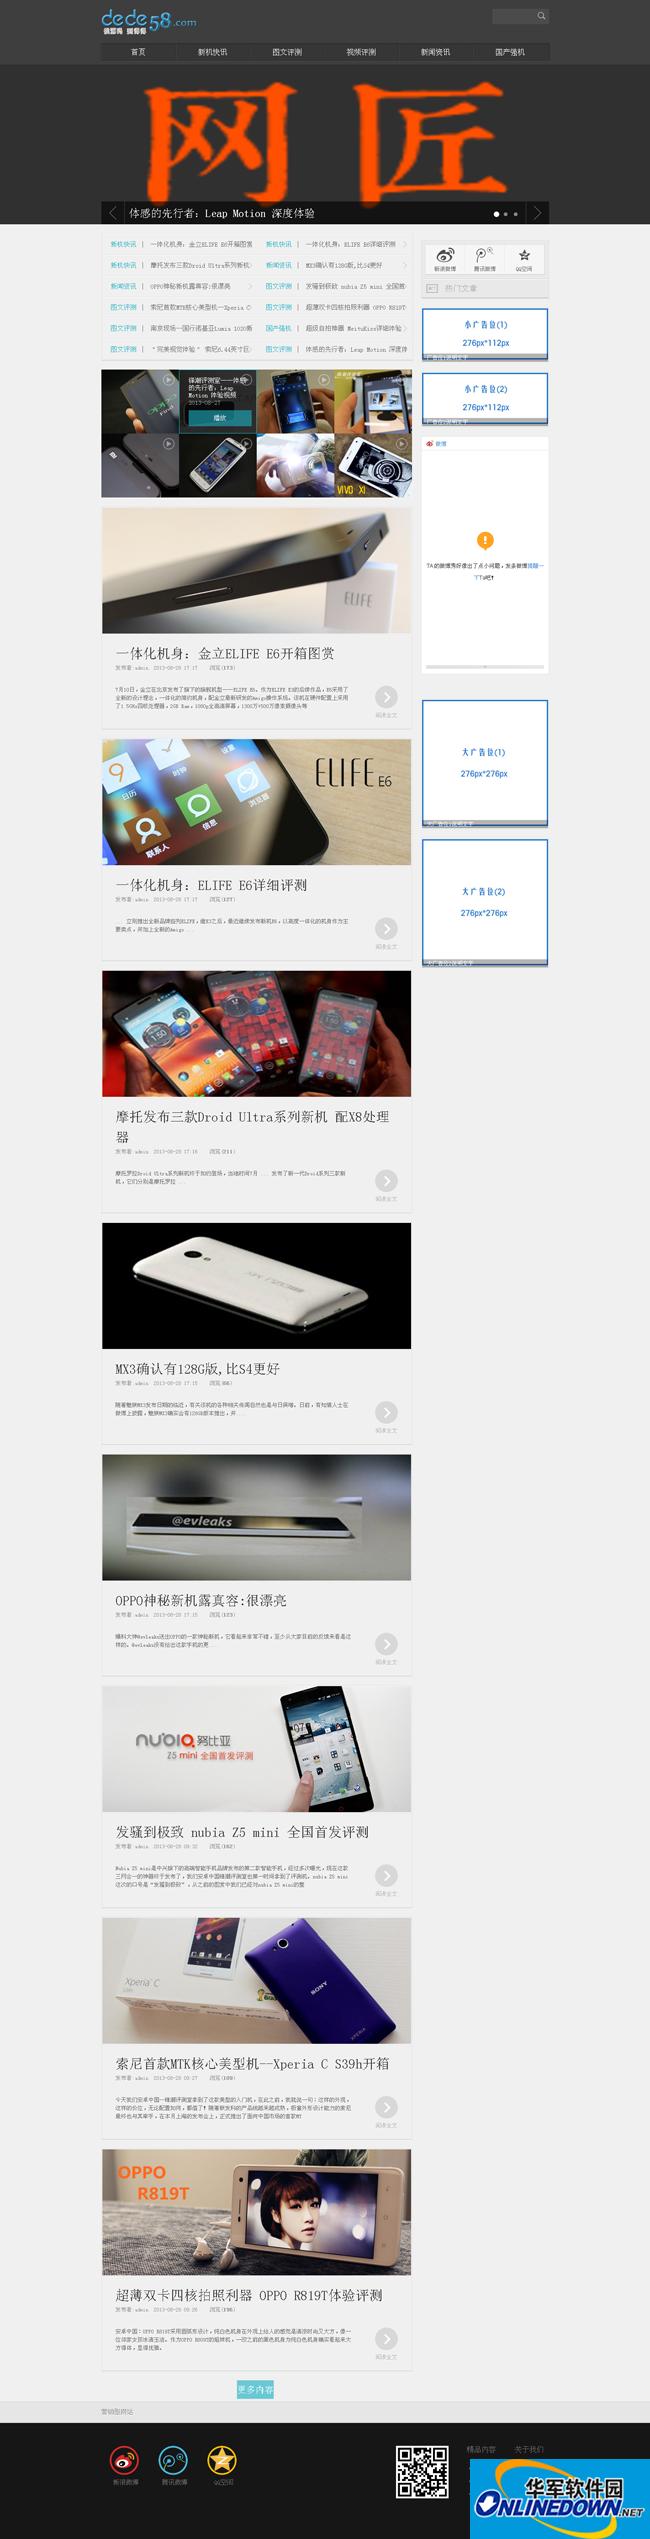 仿安卓中国自适应博客类织梦模板